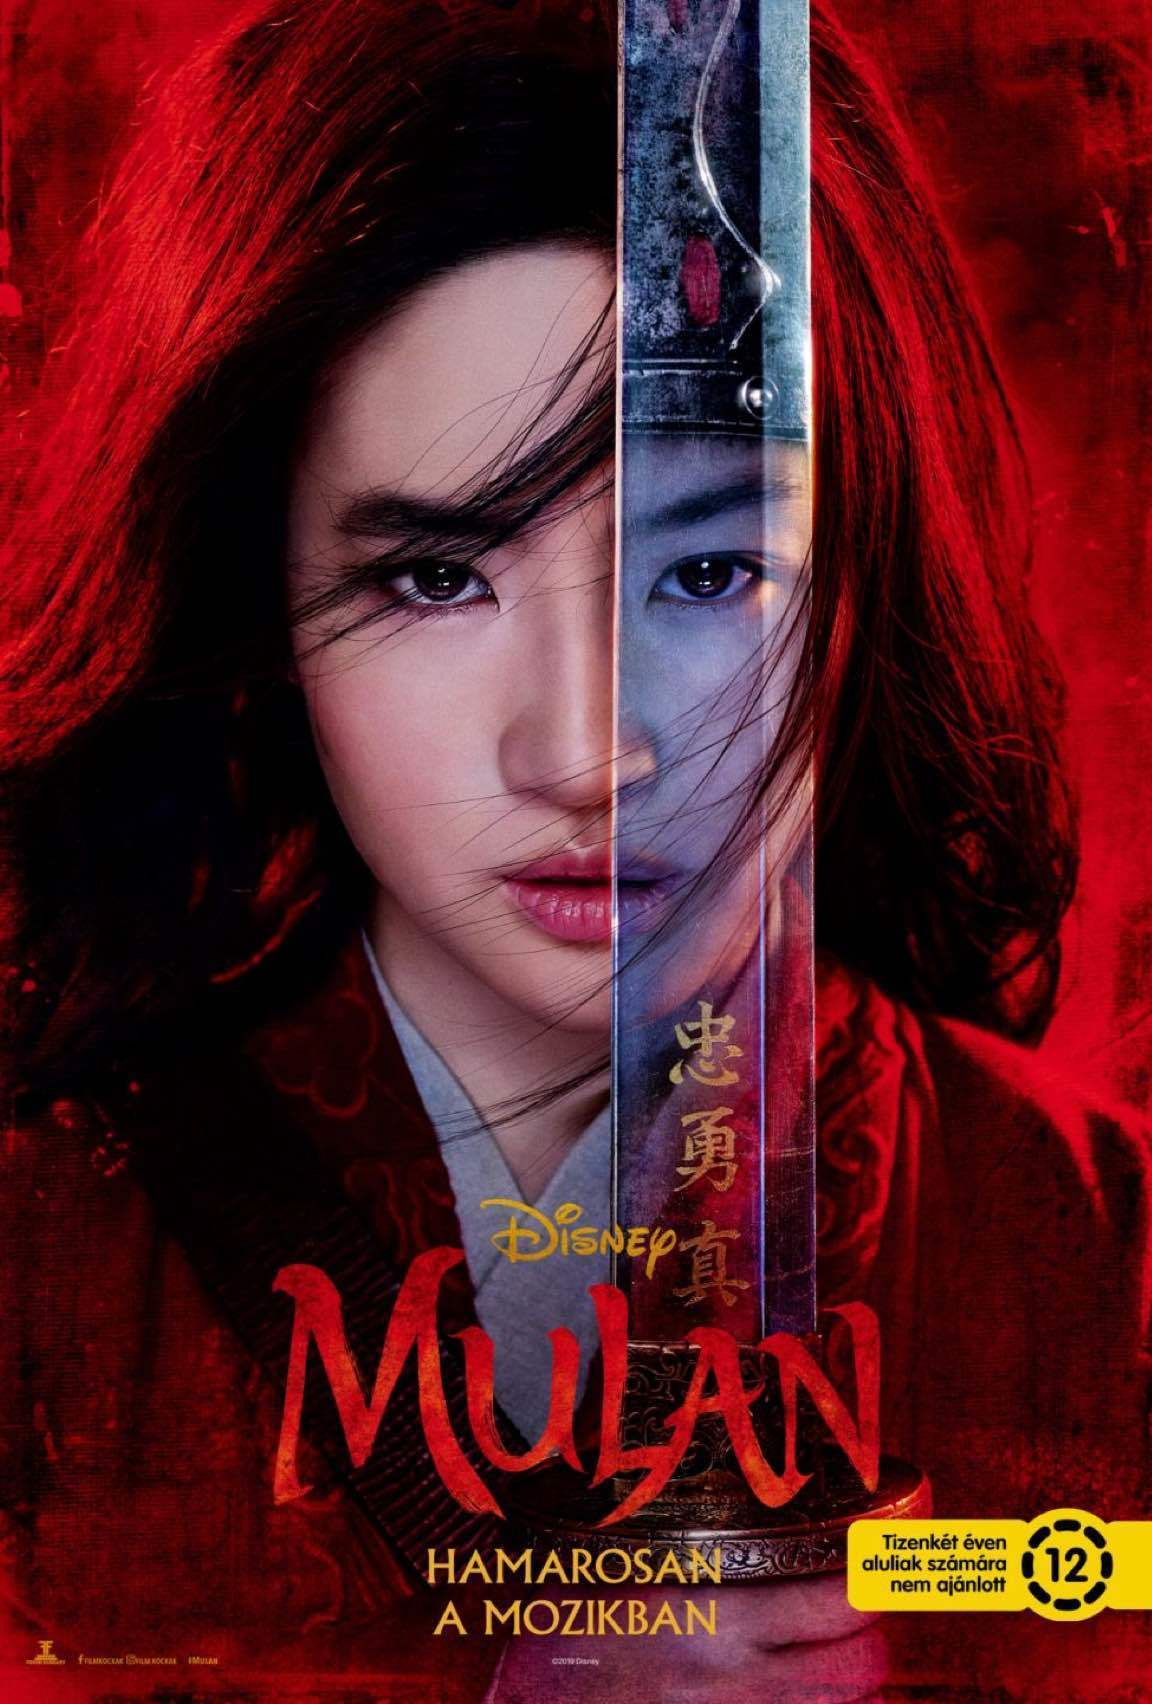 Közeli kép Mulanról, aki kardot tart az arca elé